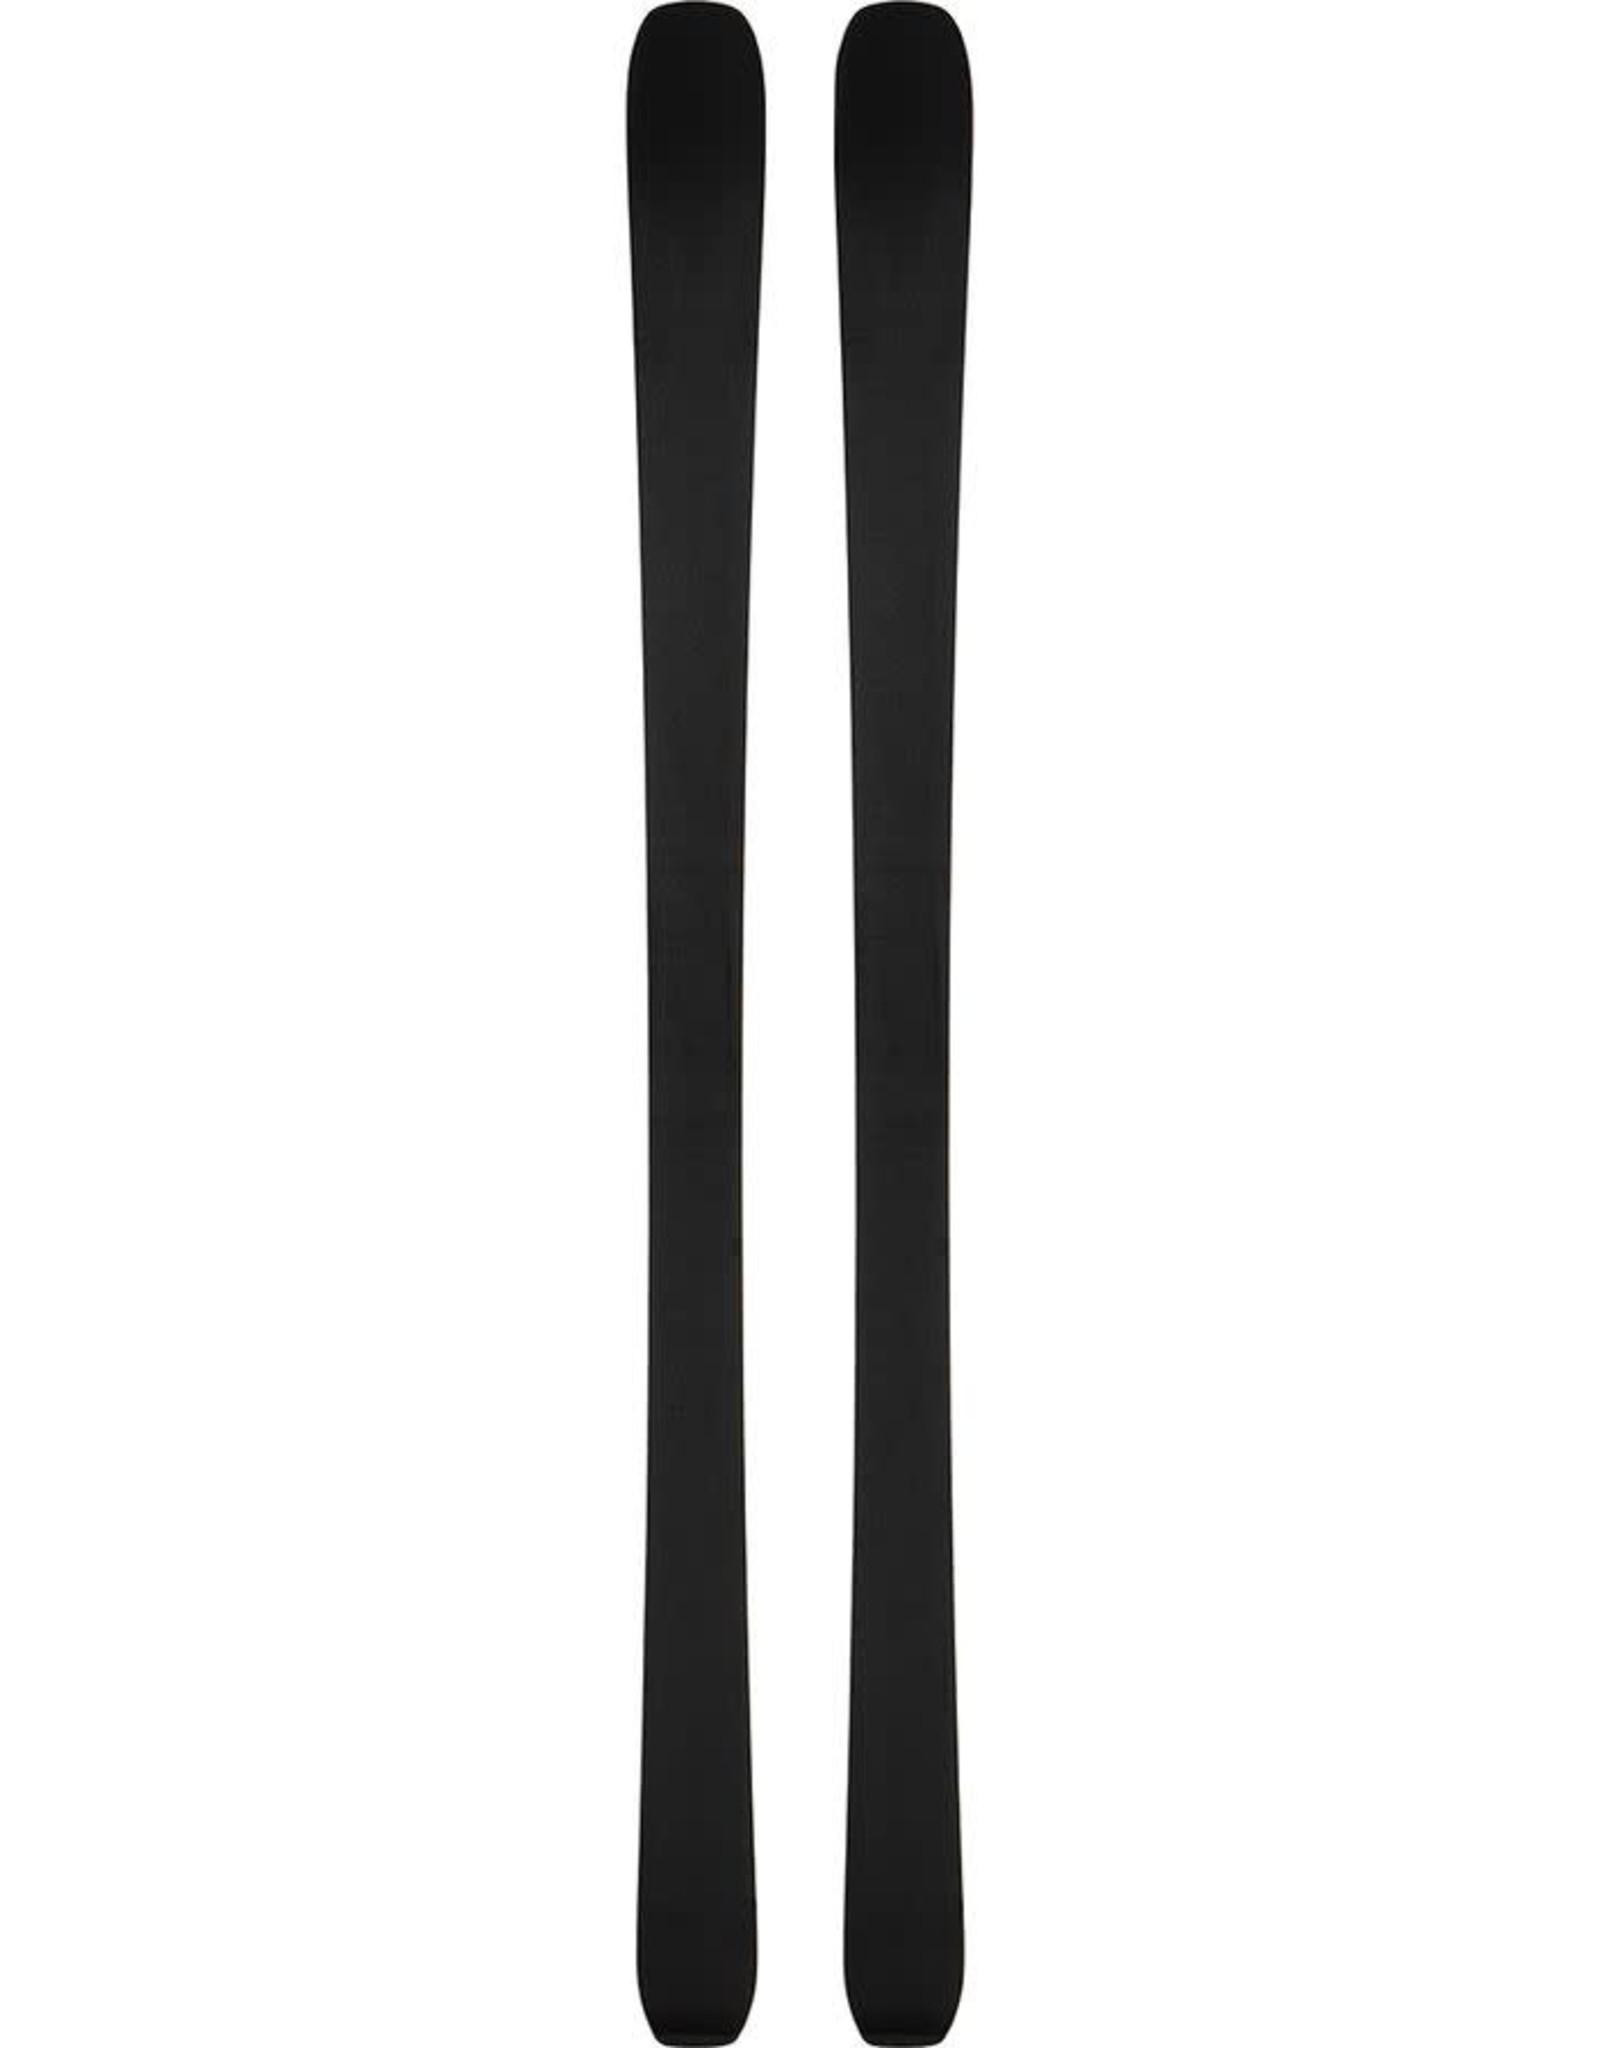 ATOMIC ATOMIC Skis VANTAGE 97 C W (19/20)